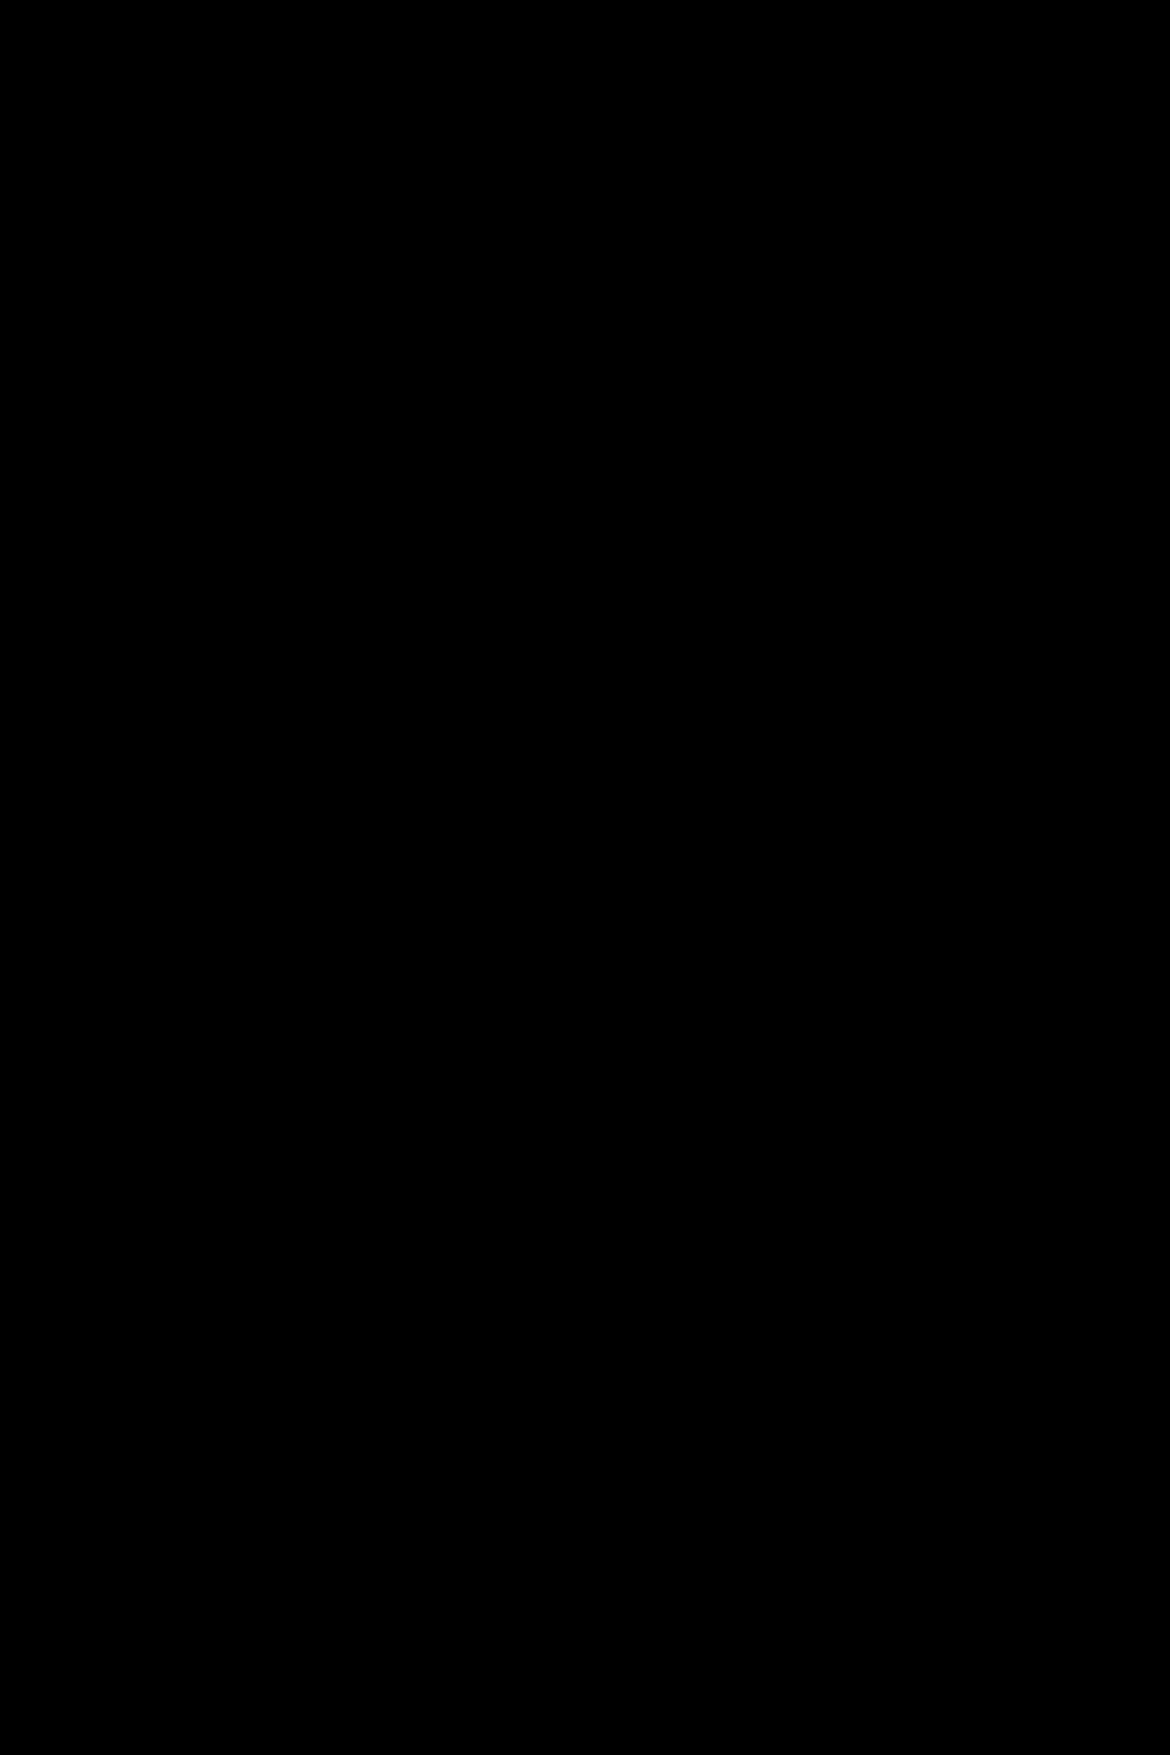 Nuova collezione Dior Addict & Trucco by Davide Frizzi